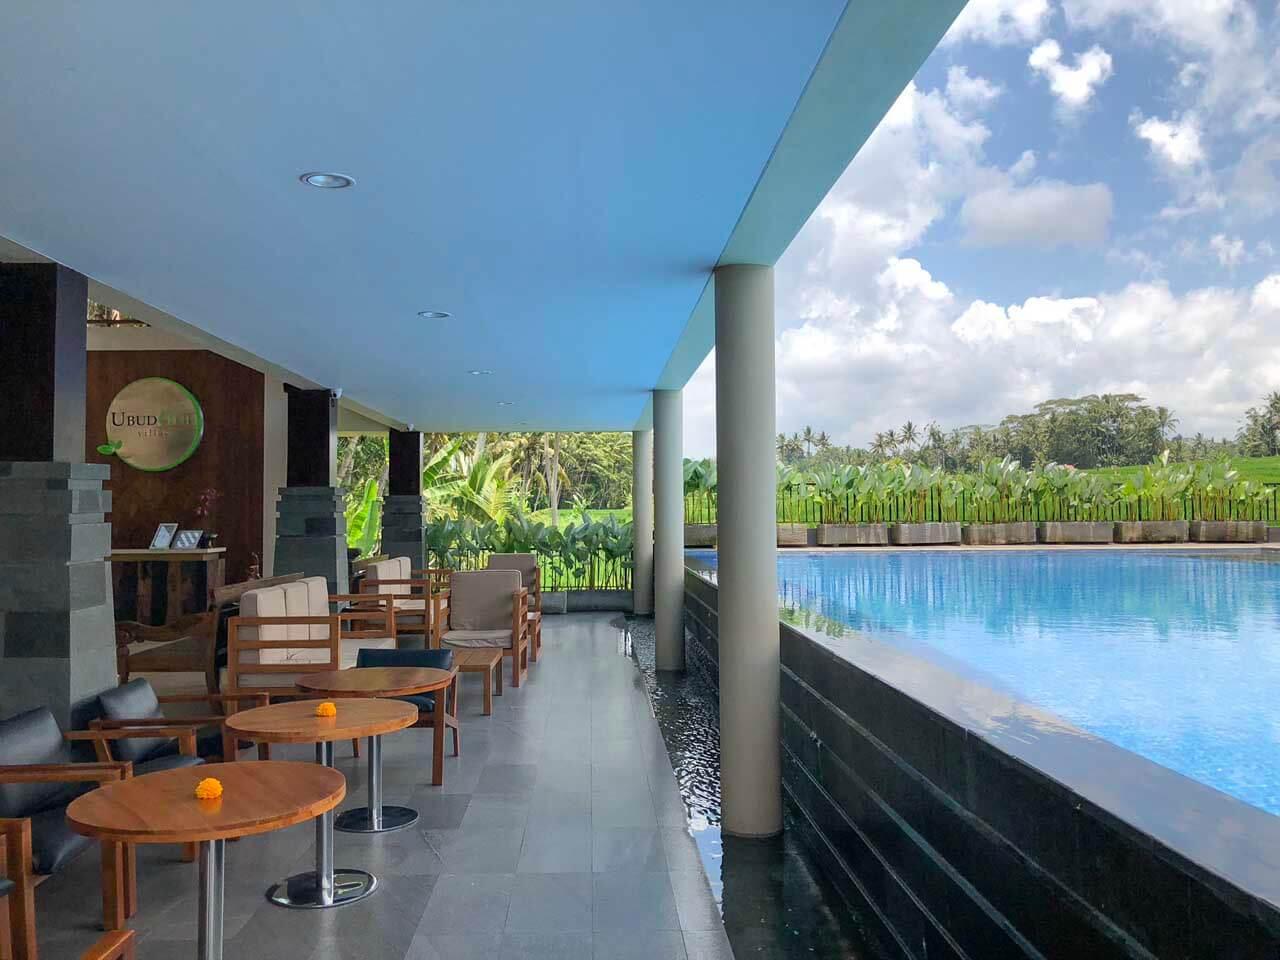 Recepção e piscina do UbudOne Villas